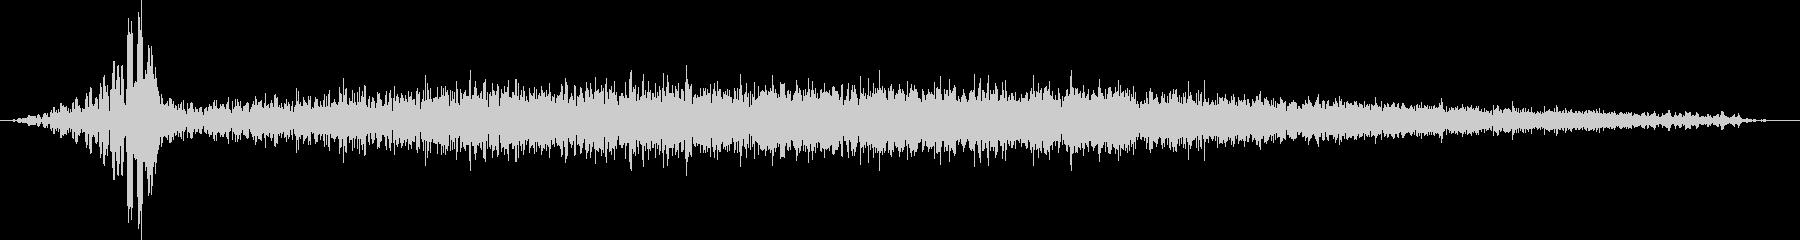 低音フェードインと逆再生の未再生の波形